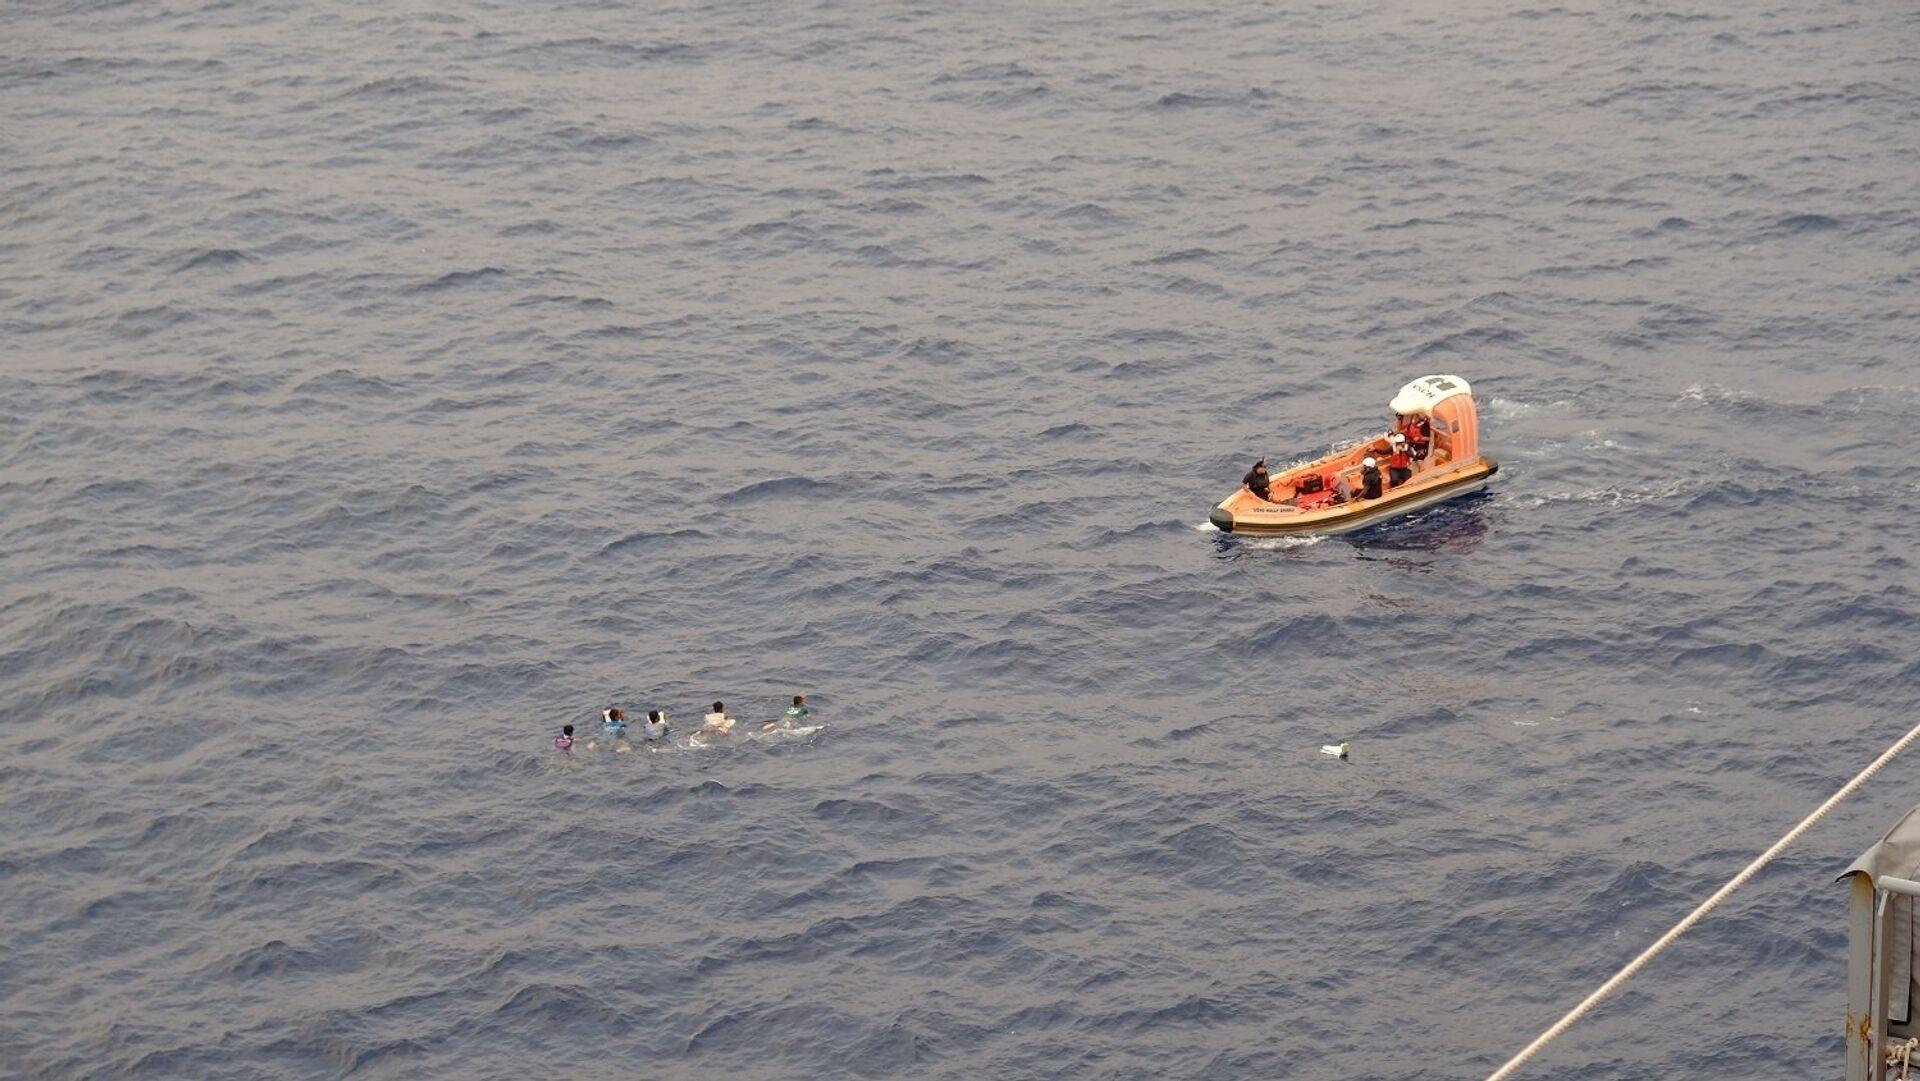 Моряки транспортного судна ВМС США Wally Schirra во время спасения группы филиппинских рыбаков в Южно-Китайском море - РИА Новости, 1920, 27.04.2021